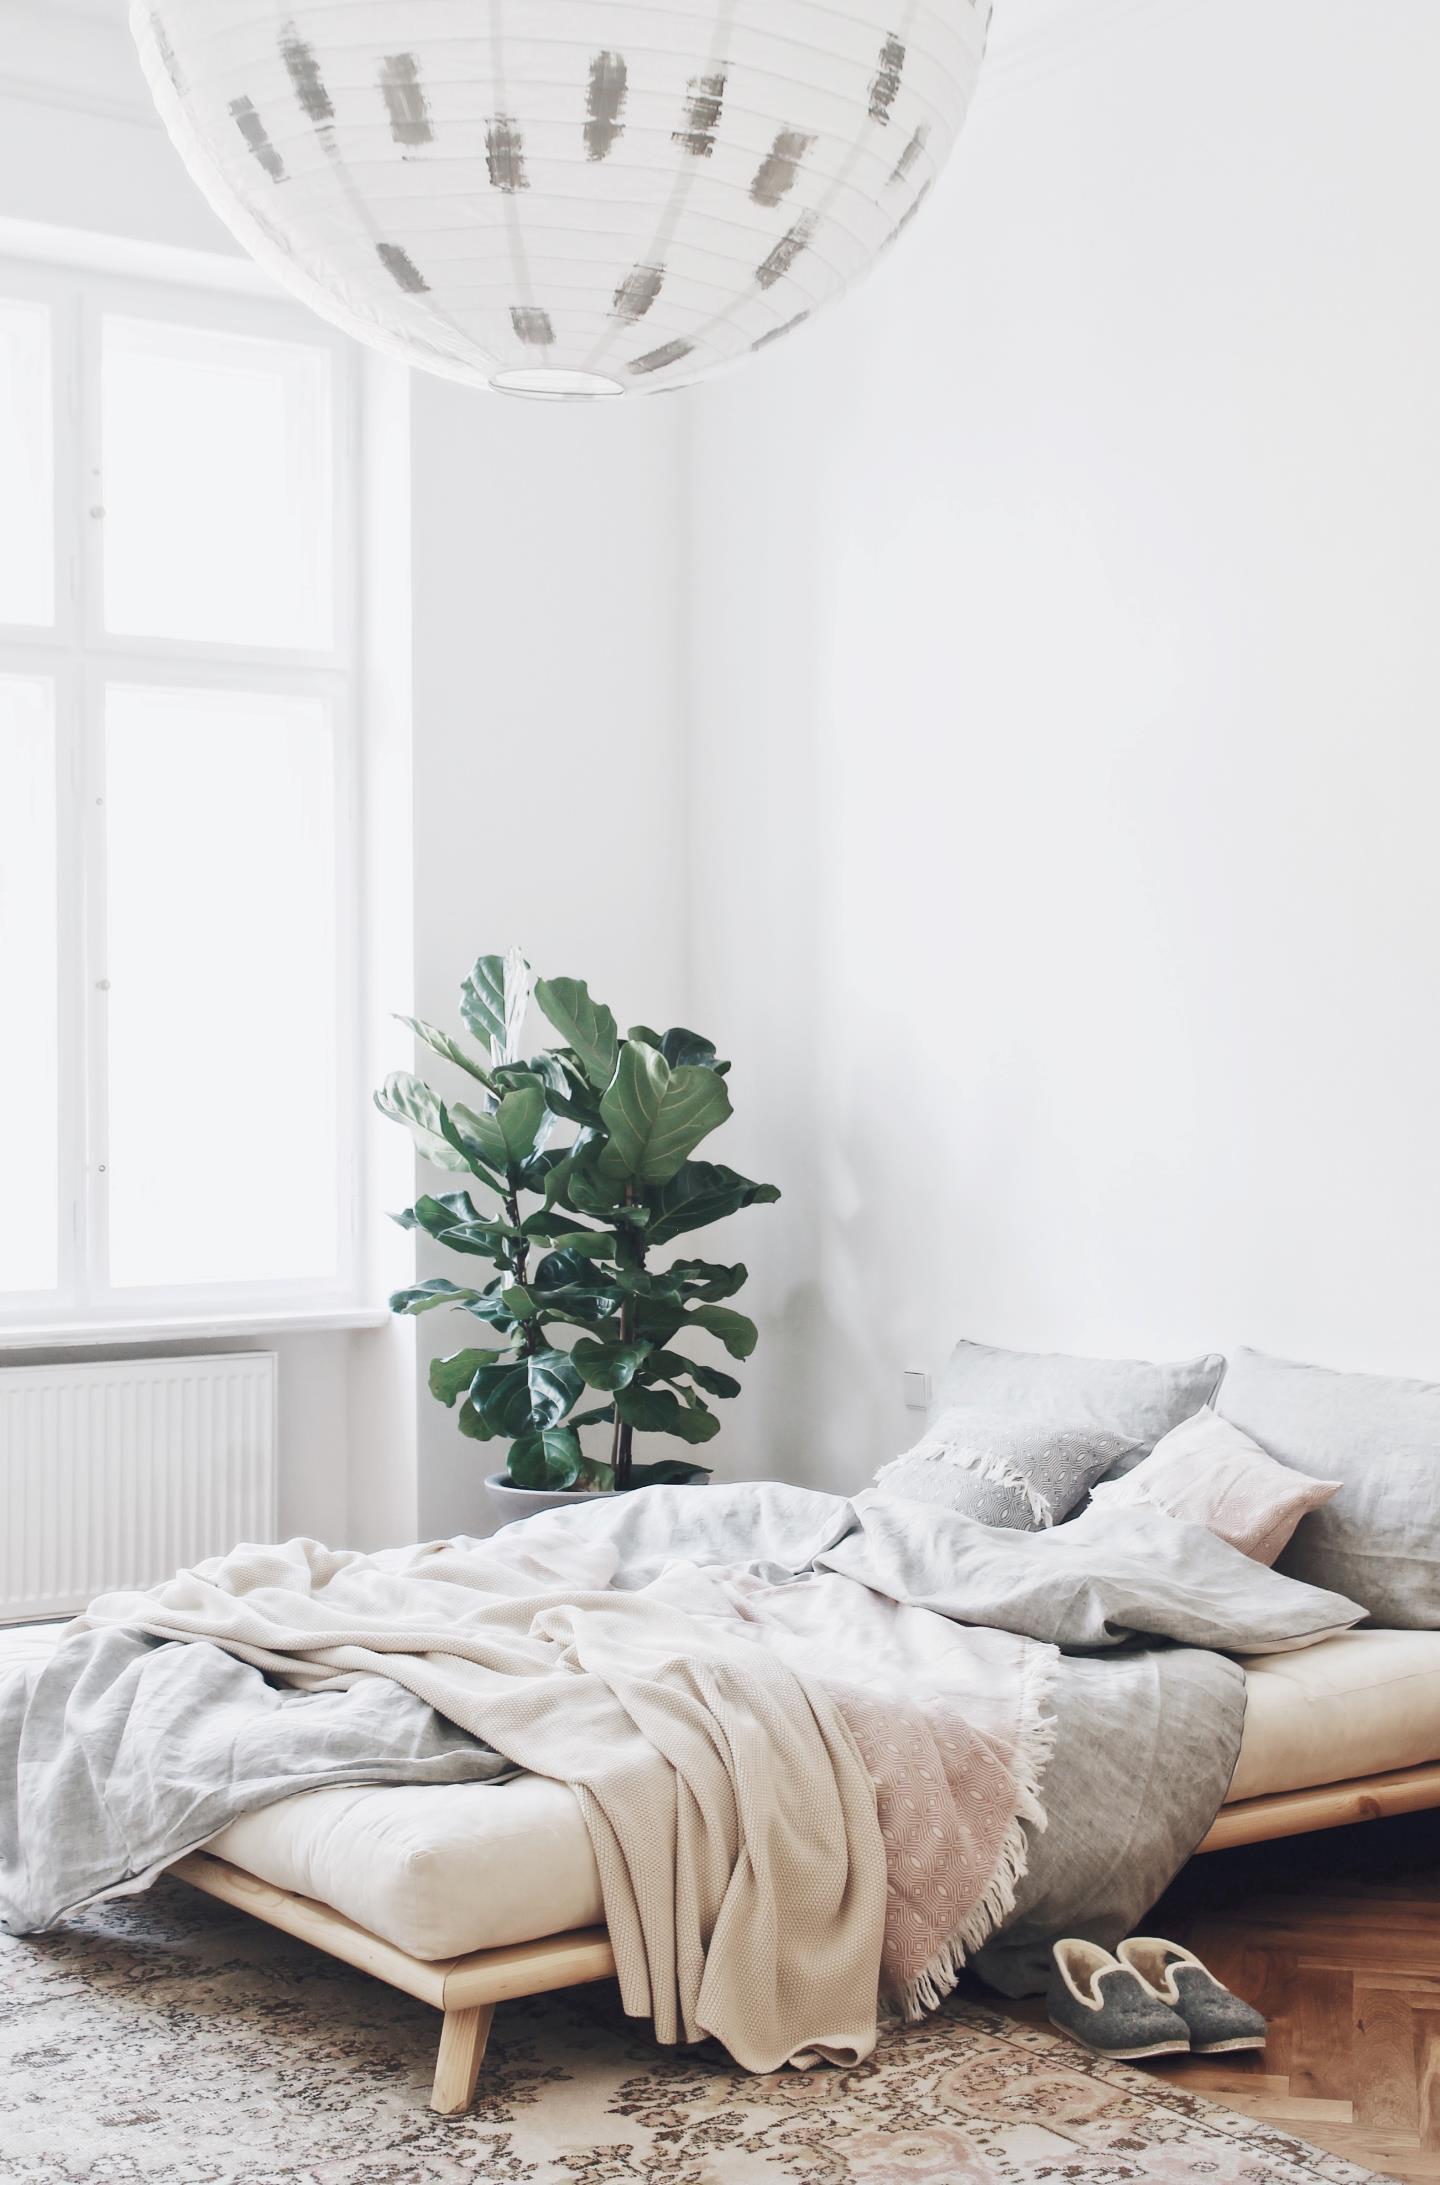 karup, senza, futon-sänky, minimalistinen sänky